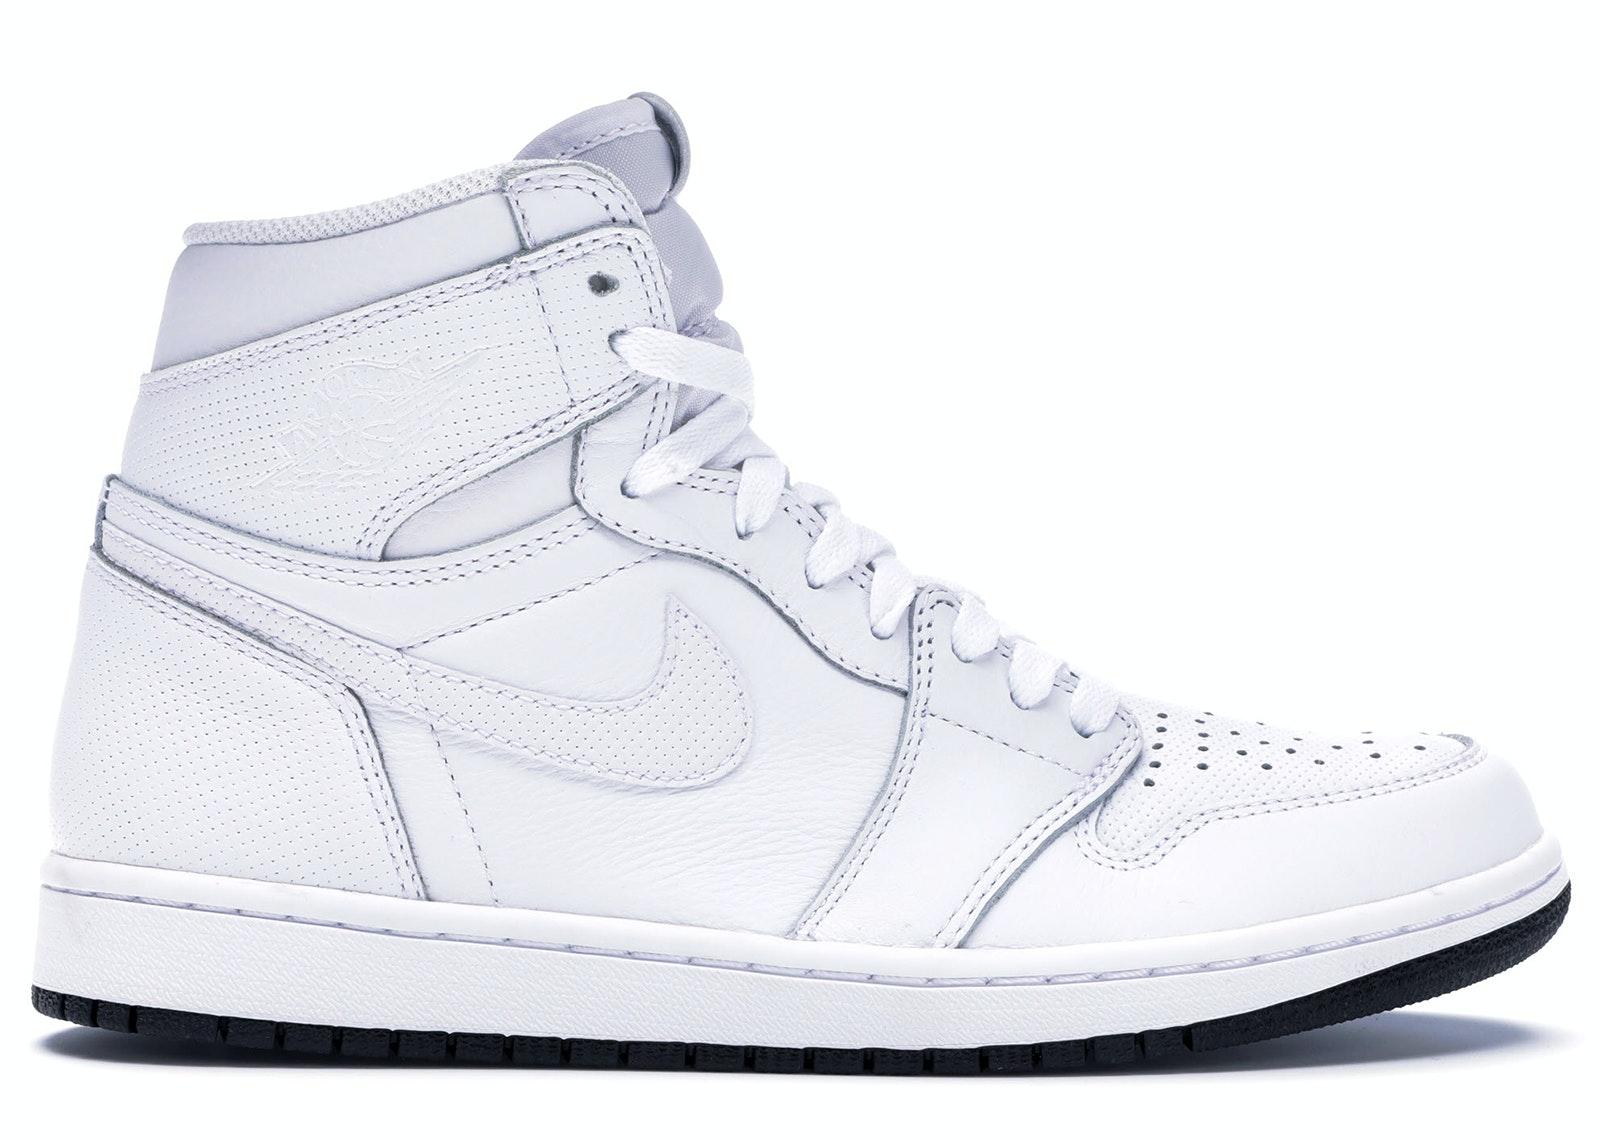 jordan 1s all white